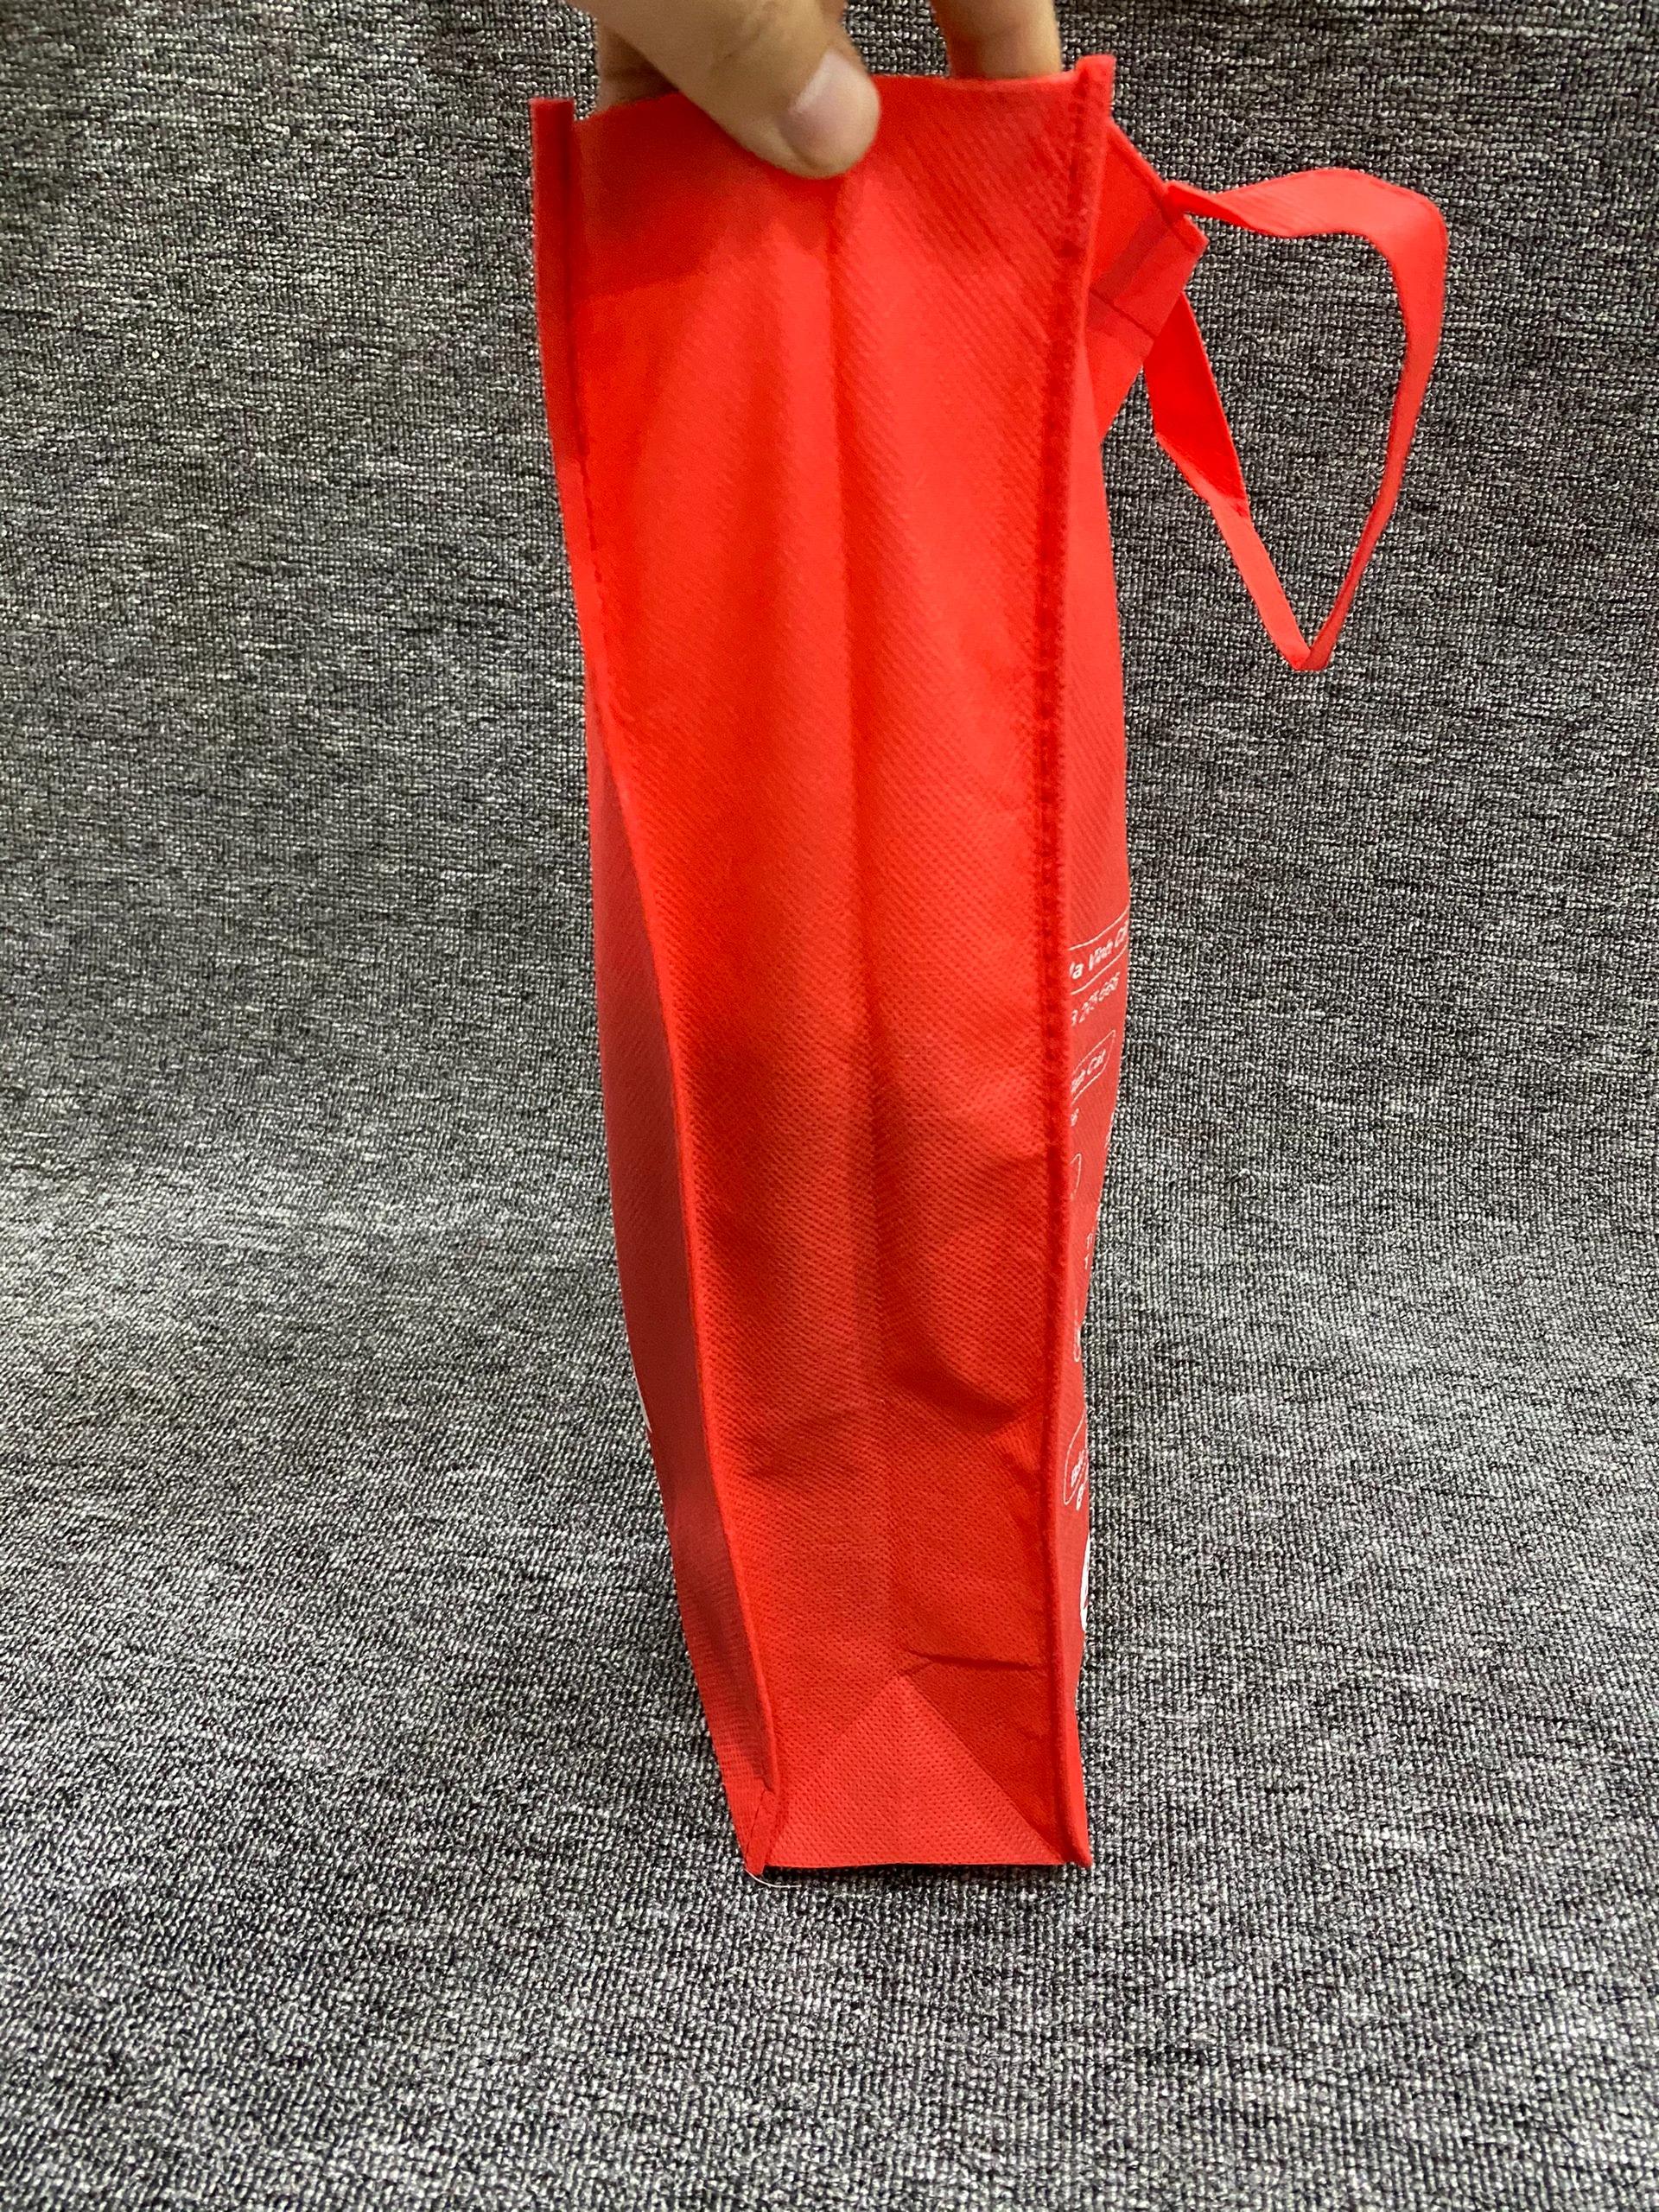 Túi vải không dệt tp hcm, túi vải không dệt giá, túi vải không dệt số lượng ít, xuất khẩu túi vải không dệt